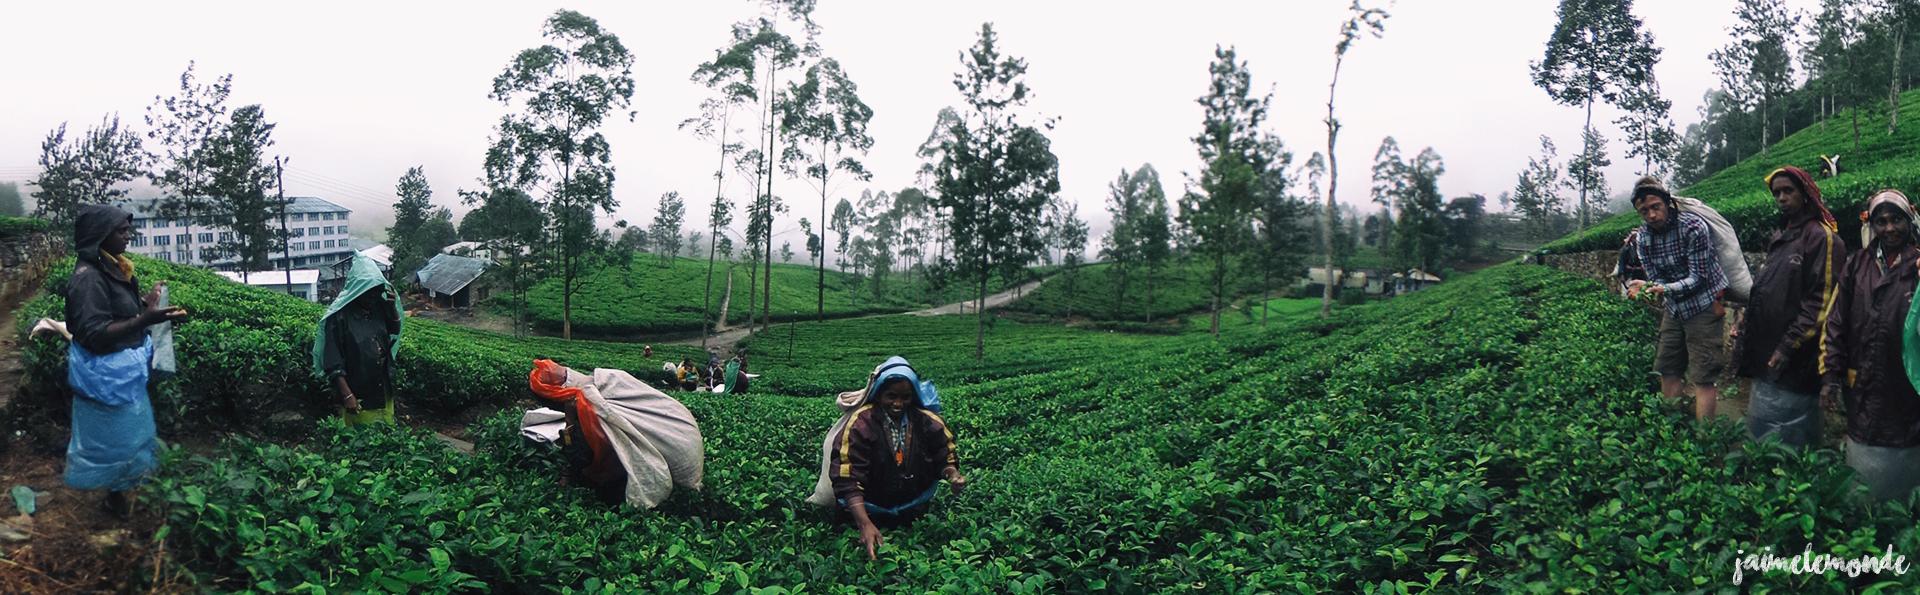 Haputale - Voyage au Sri Lanka (10)